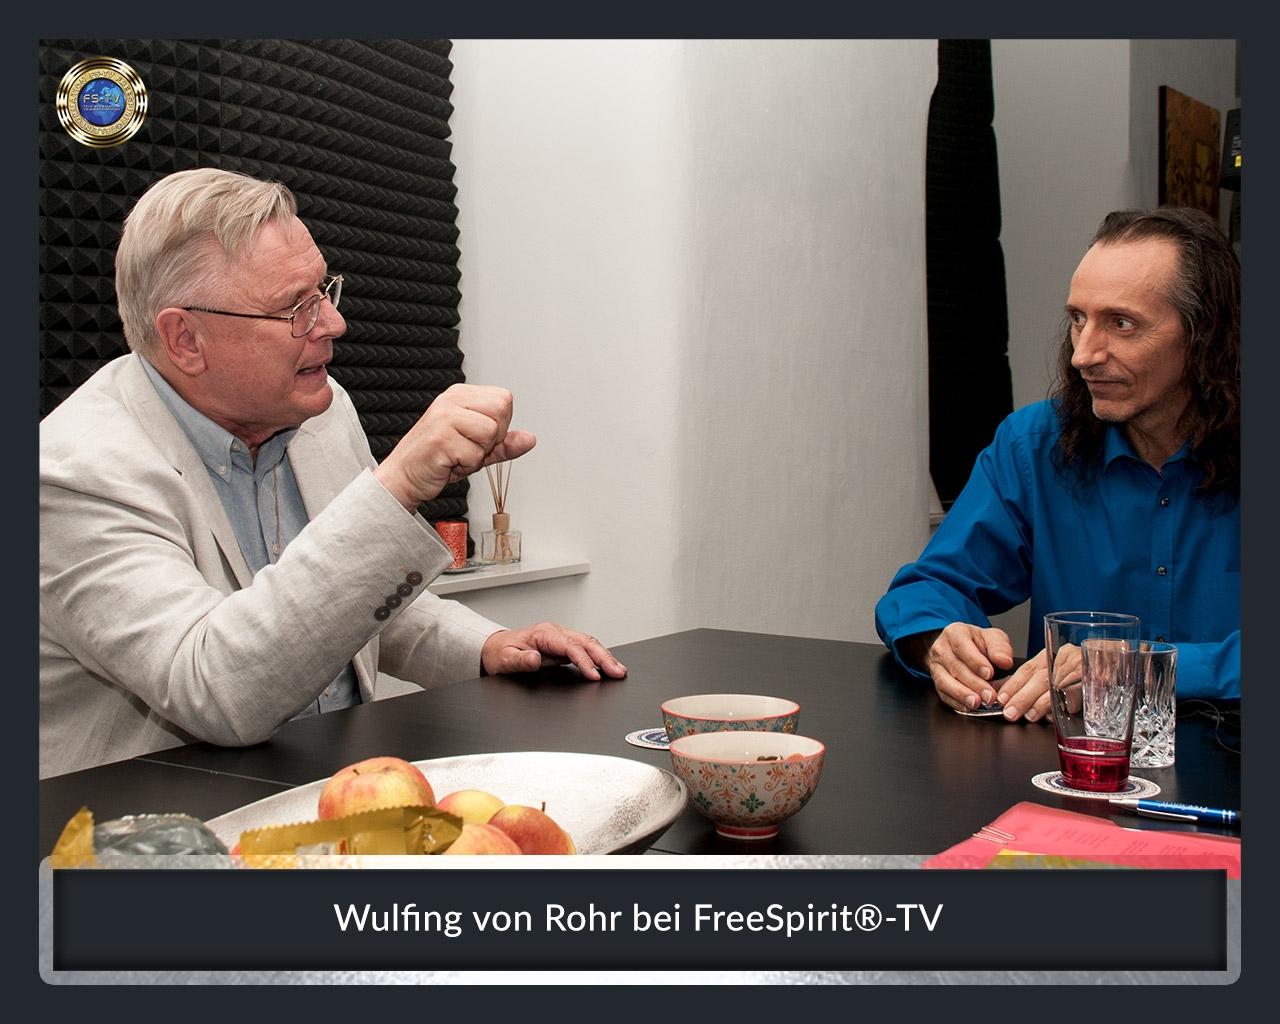 FS-TV-Bildergallerie-Wulfing-3